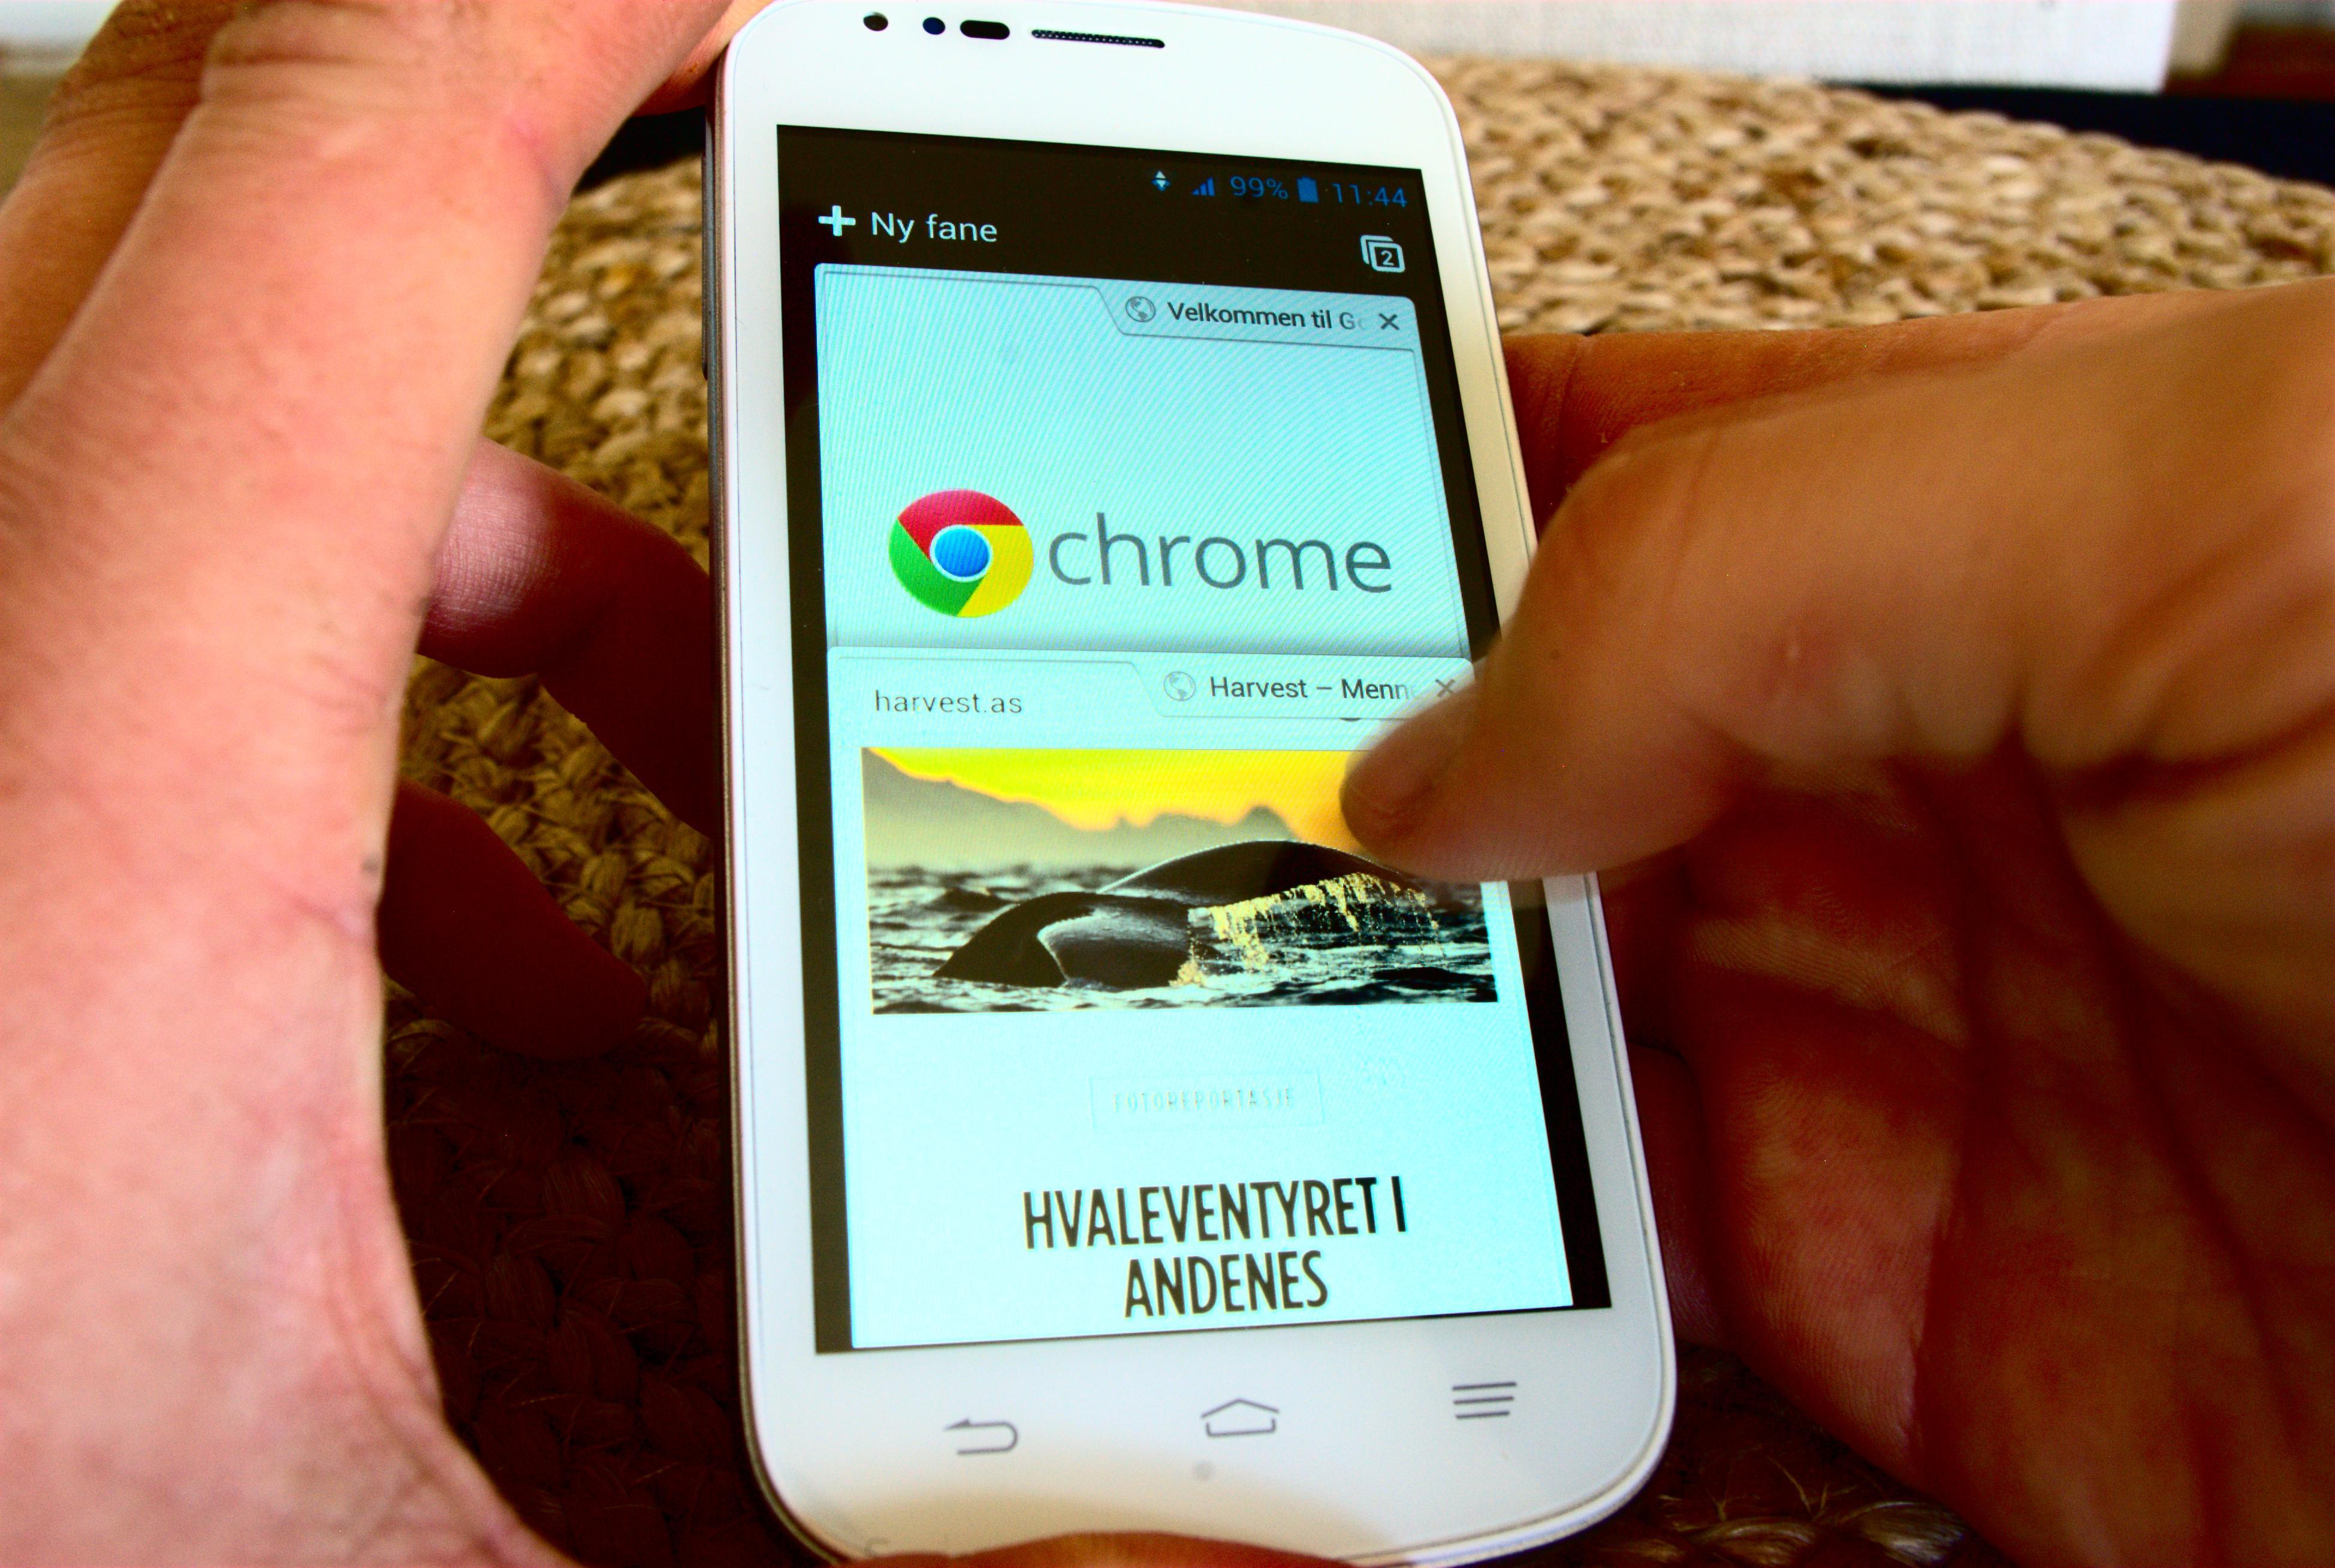 Chrome er en god mobilnettleser. Foto: Einar Eriksen